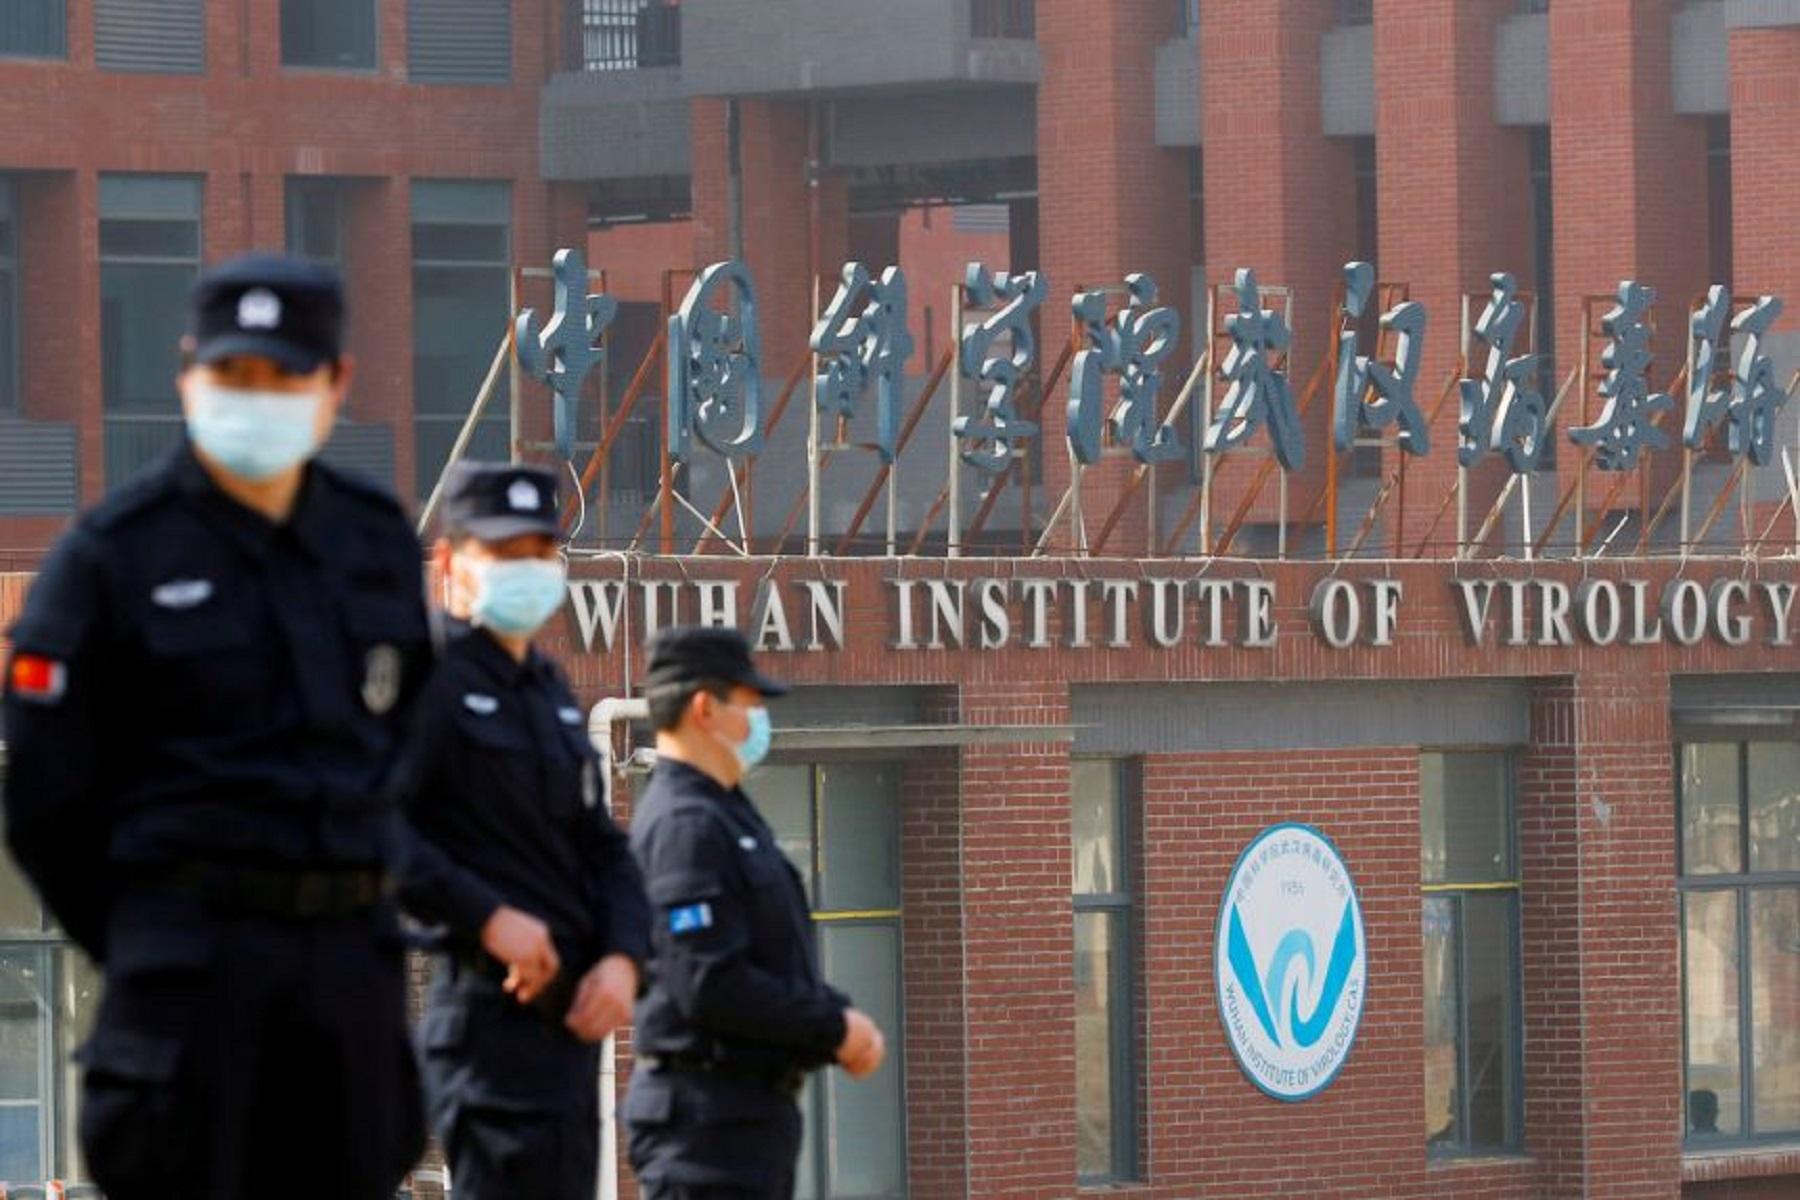 Κίνα Κορωνοϊός: Το εργαστήριο ιολογίας της Wuhan στην καρδιά της θεωρίας προέλευσης της πανδημίας